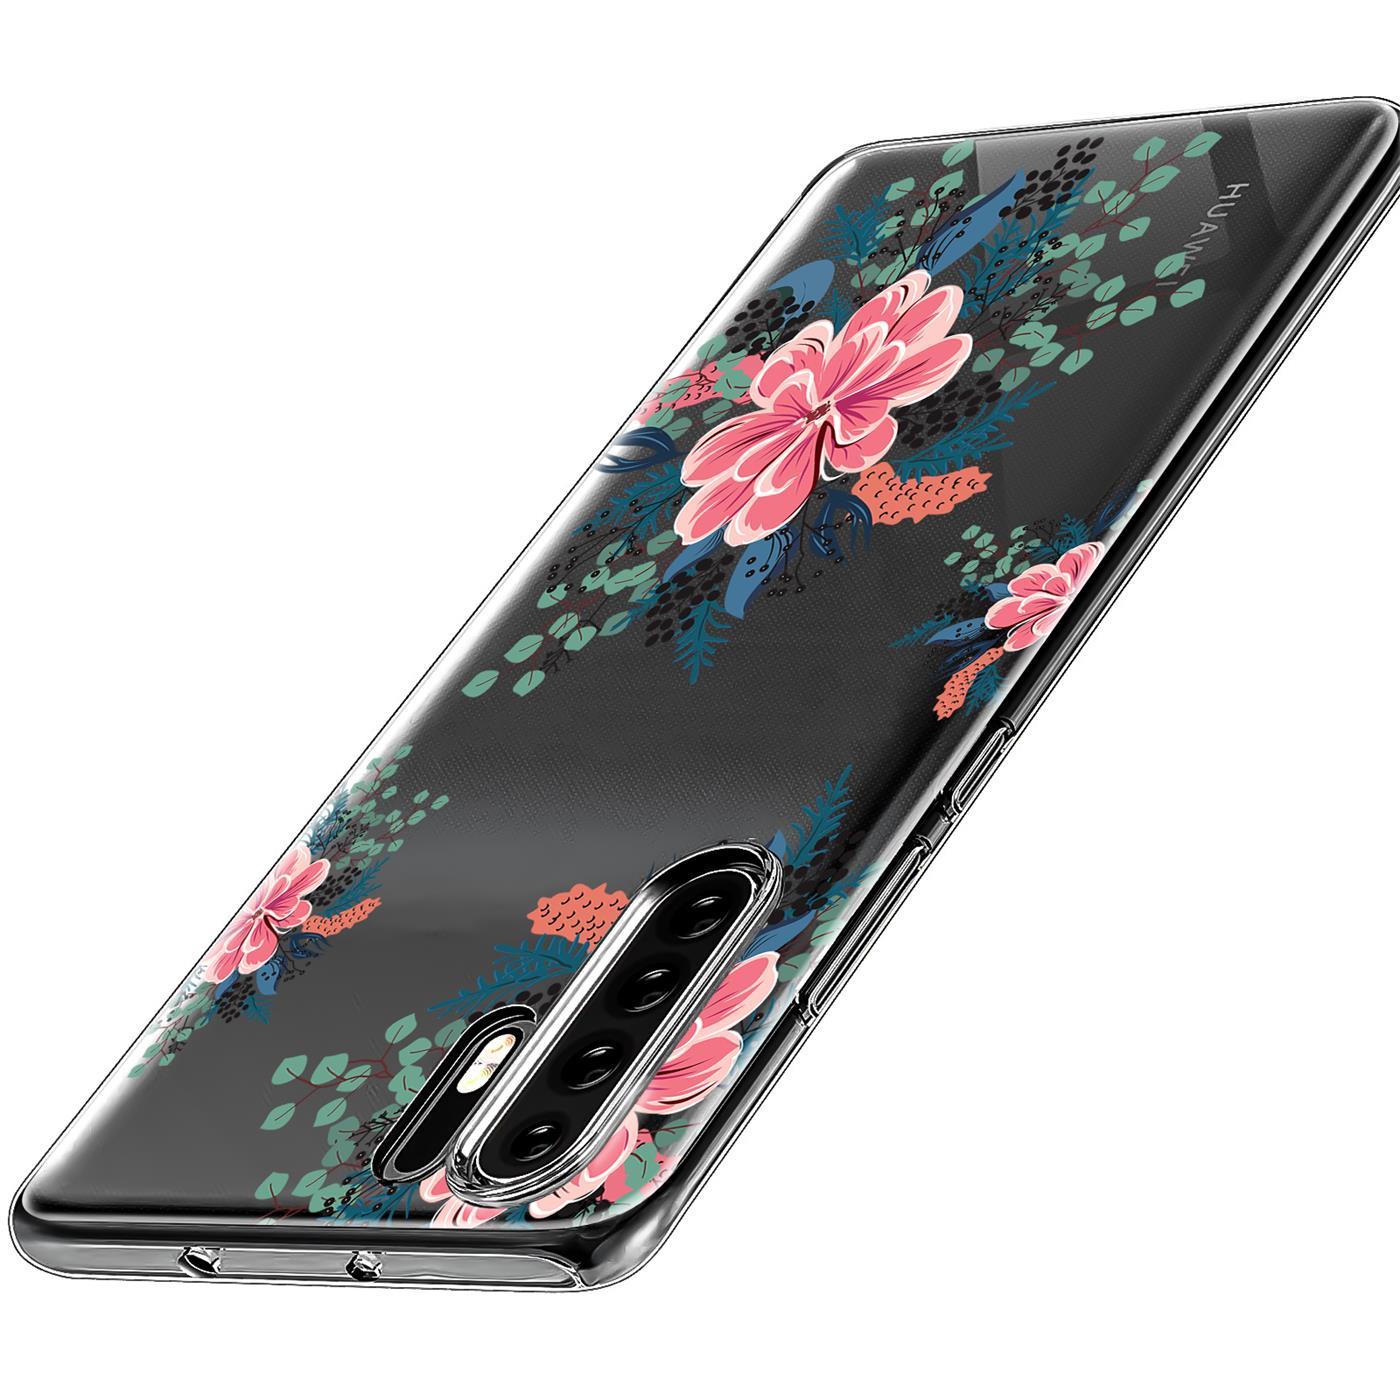 Huawei-P30-Lite-Motiv-Handy-Huelle-Silikon-Tasche-Schutzhuelle-Cover-Slim-TPU-Case Indexbild 41